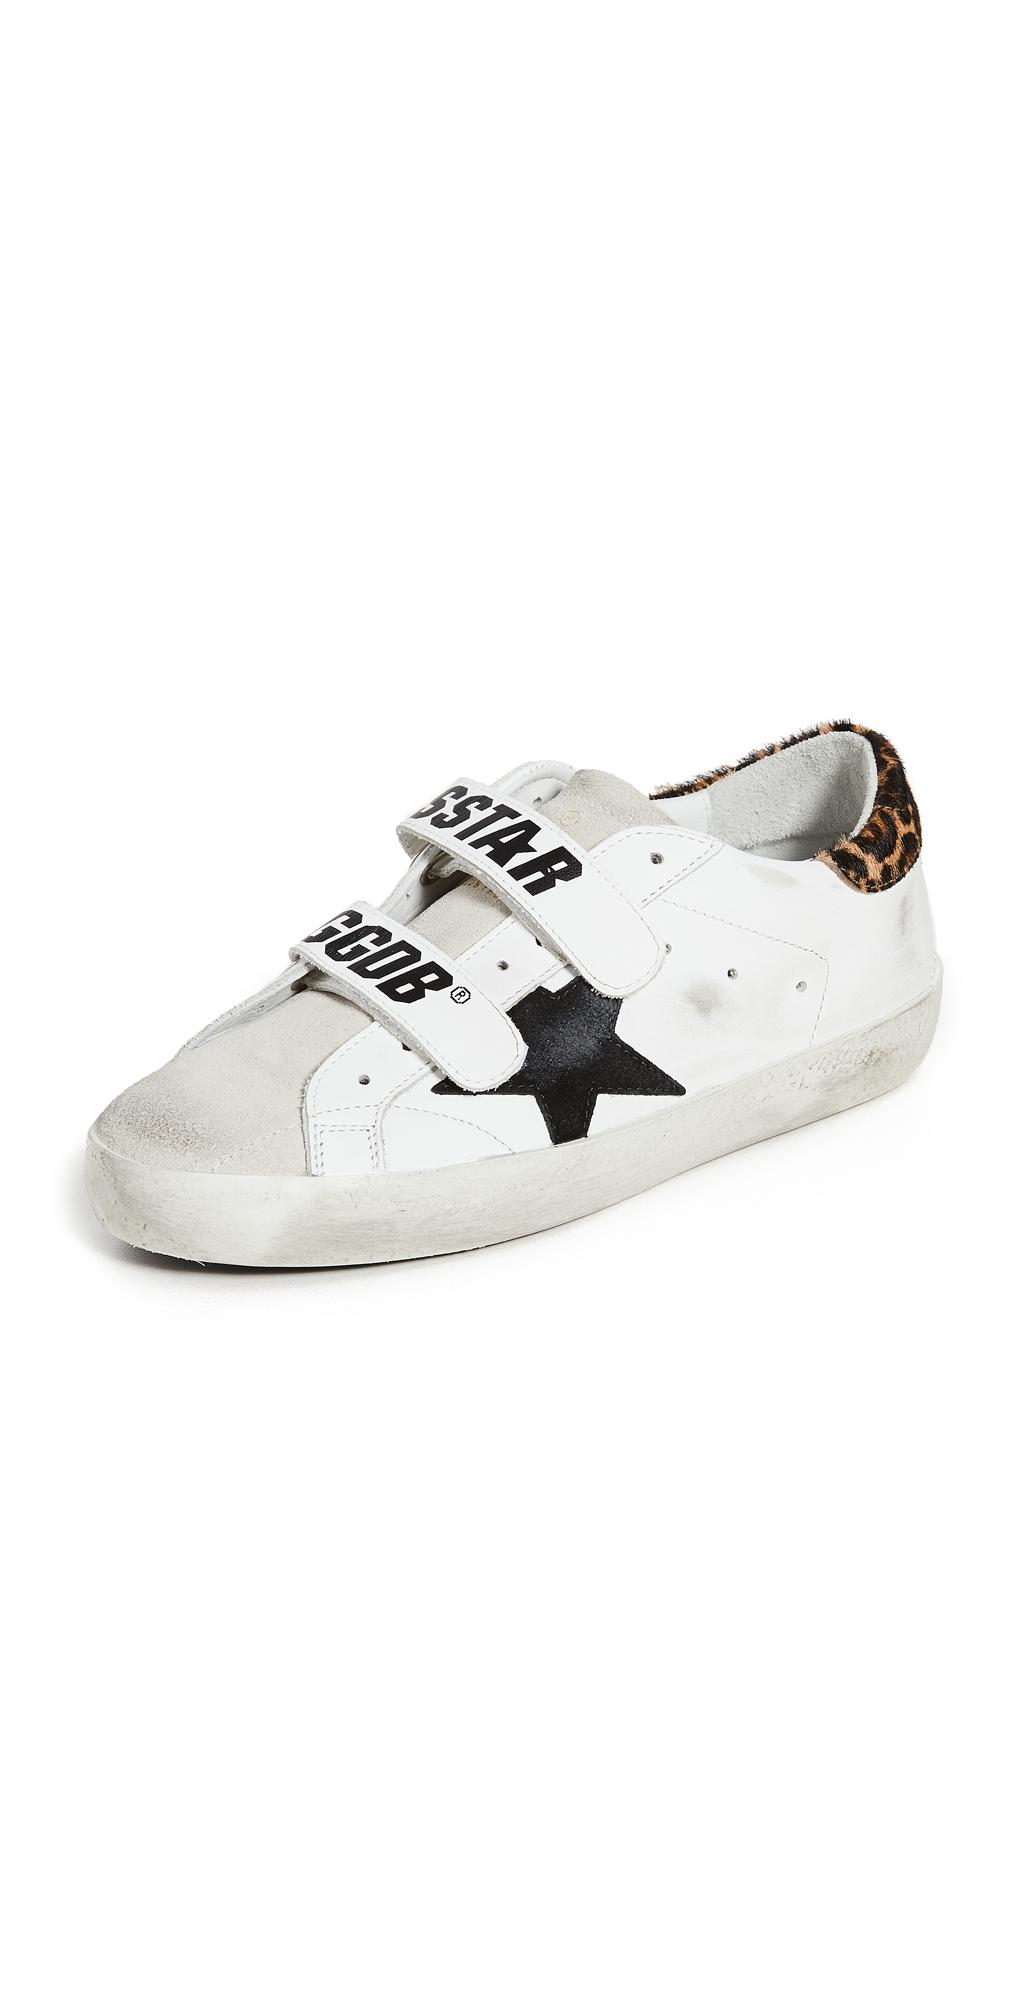 Golden Goose Old School Sneakers